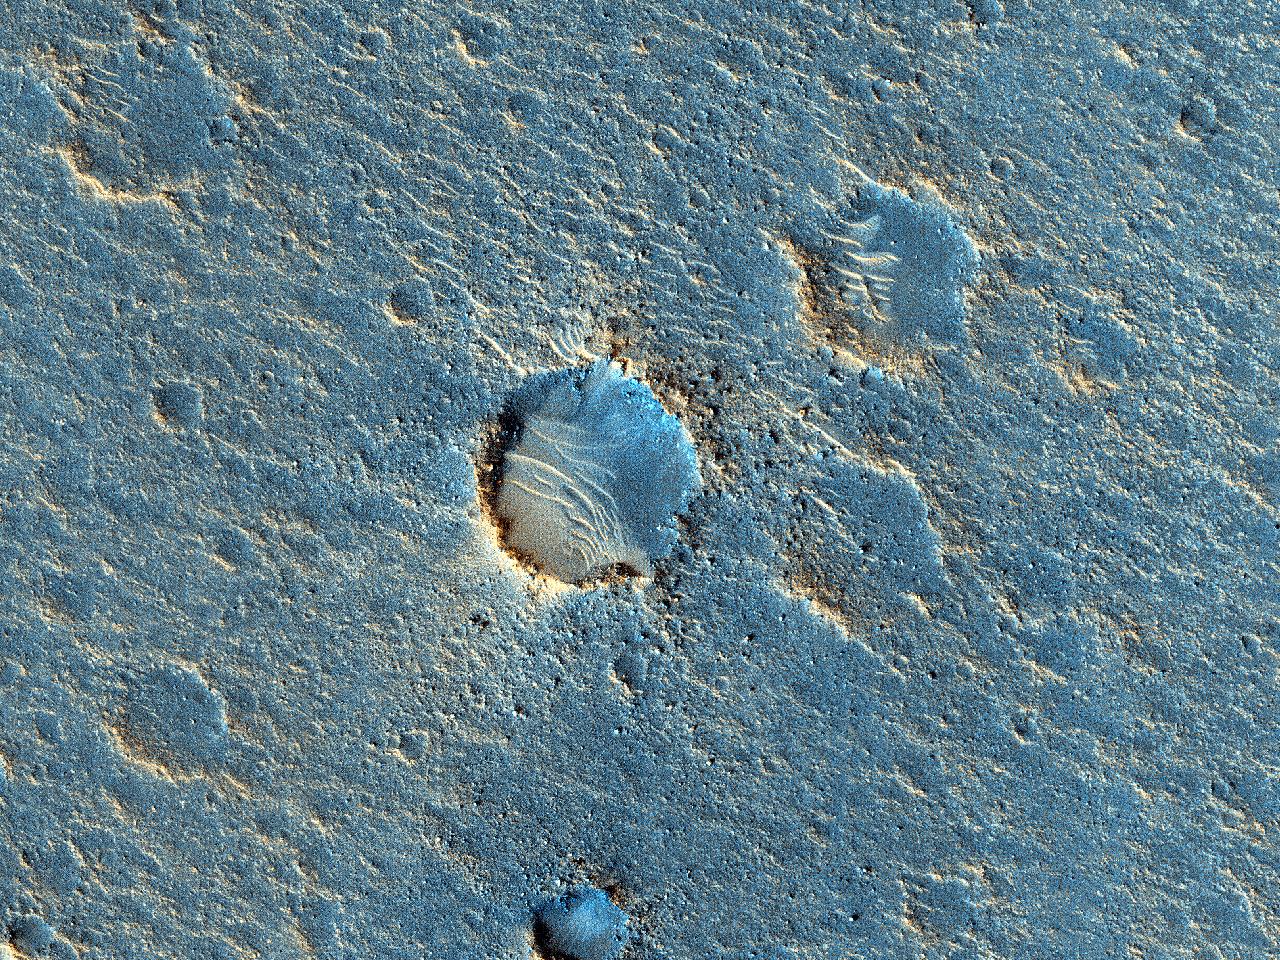 Steinete terrenge vest for Mawrth Vallis